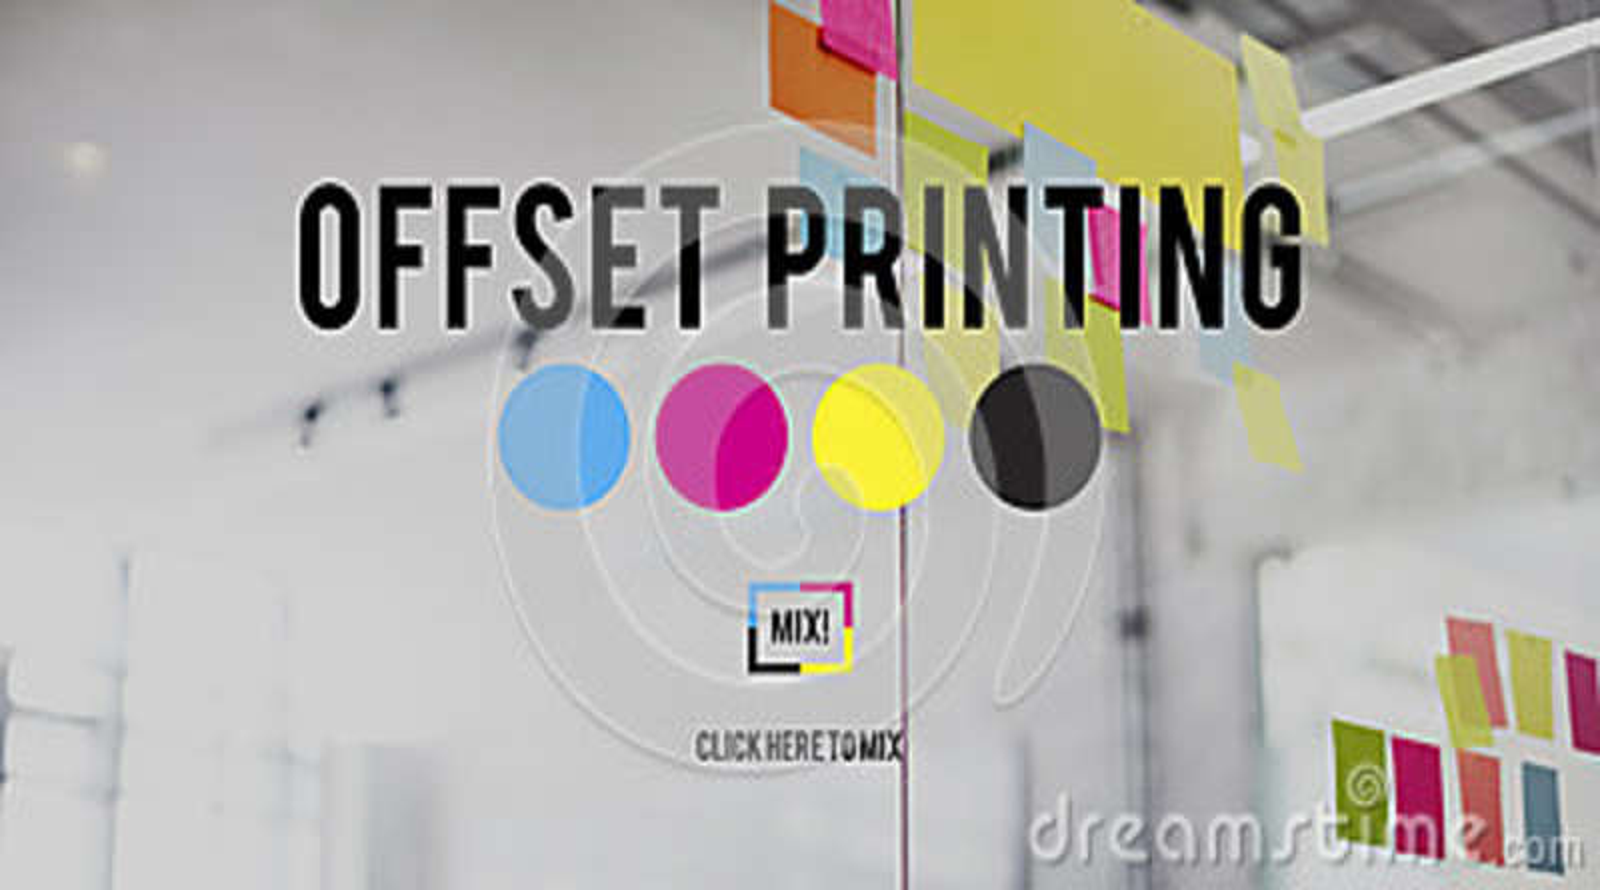 胶印过程CMYK深蓝洋红色黄色关键性概念